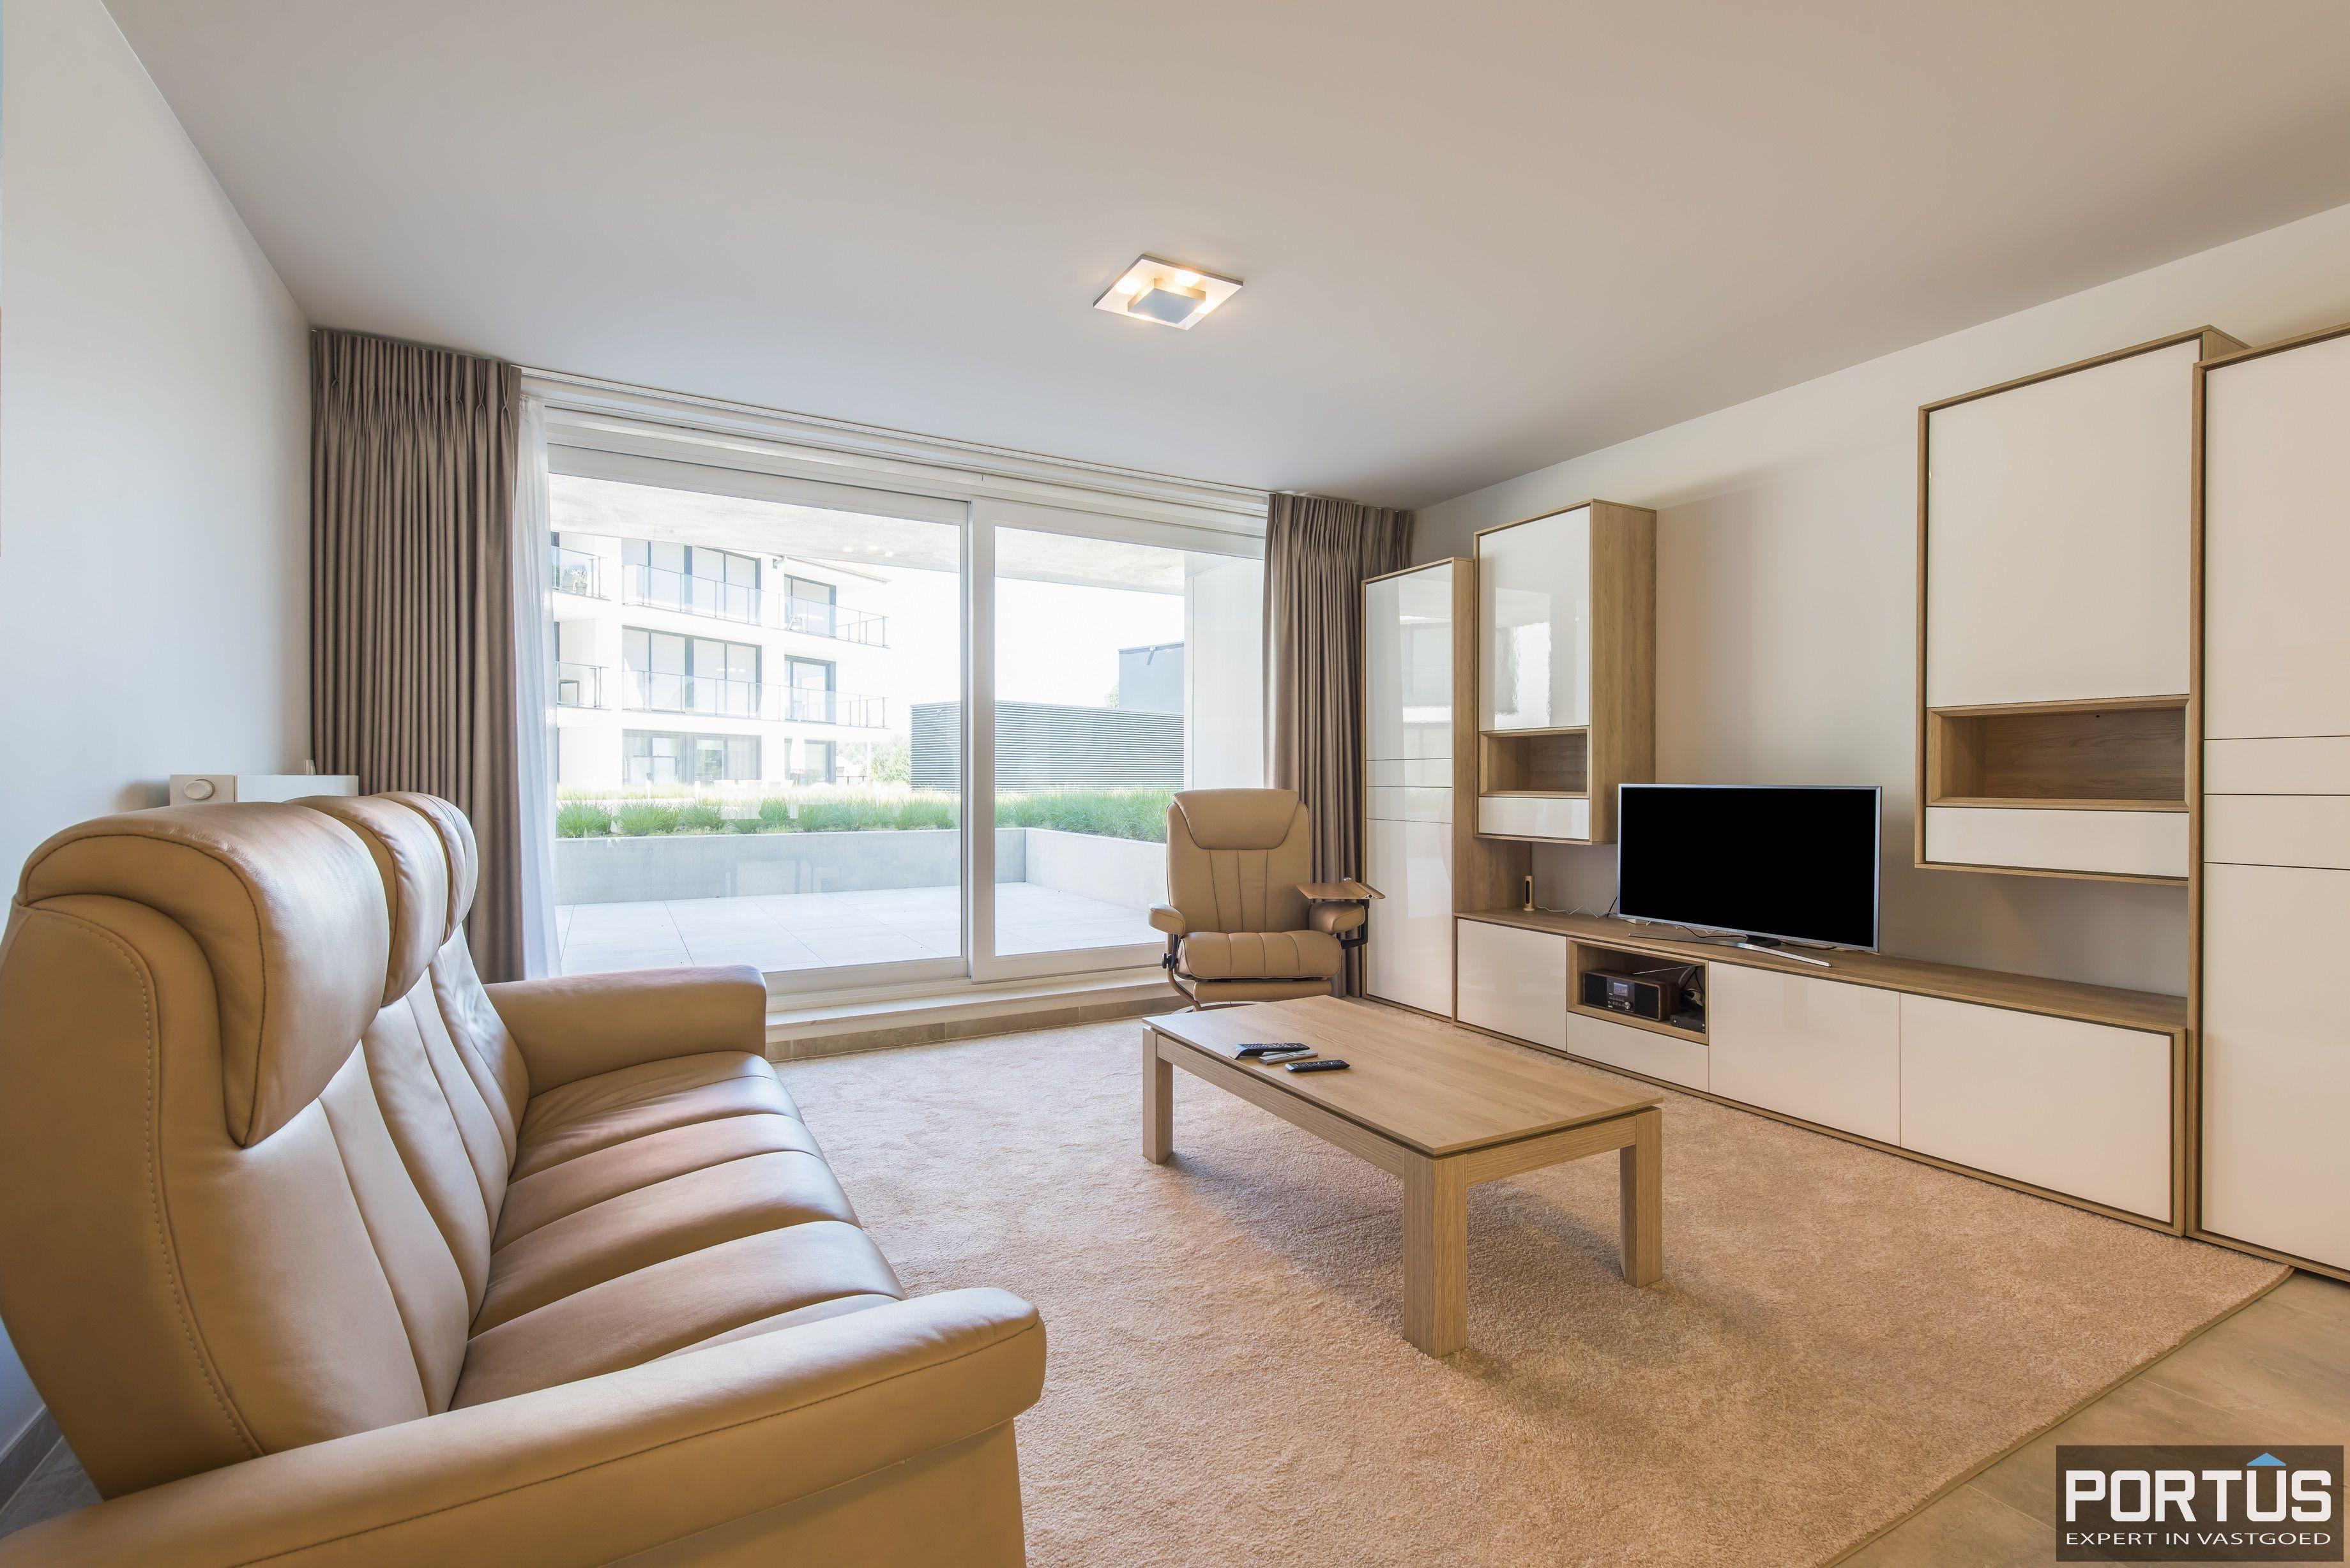 Recent appartement met 2 slaapkamers te koop te Nieuwpoort - 11389